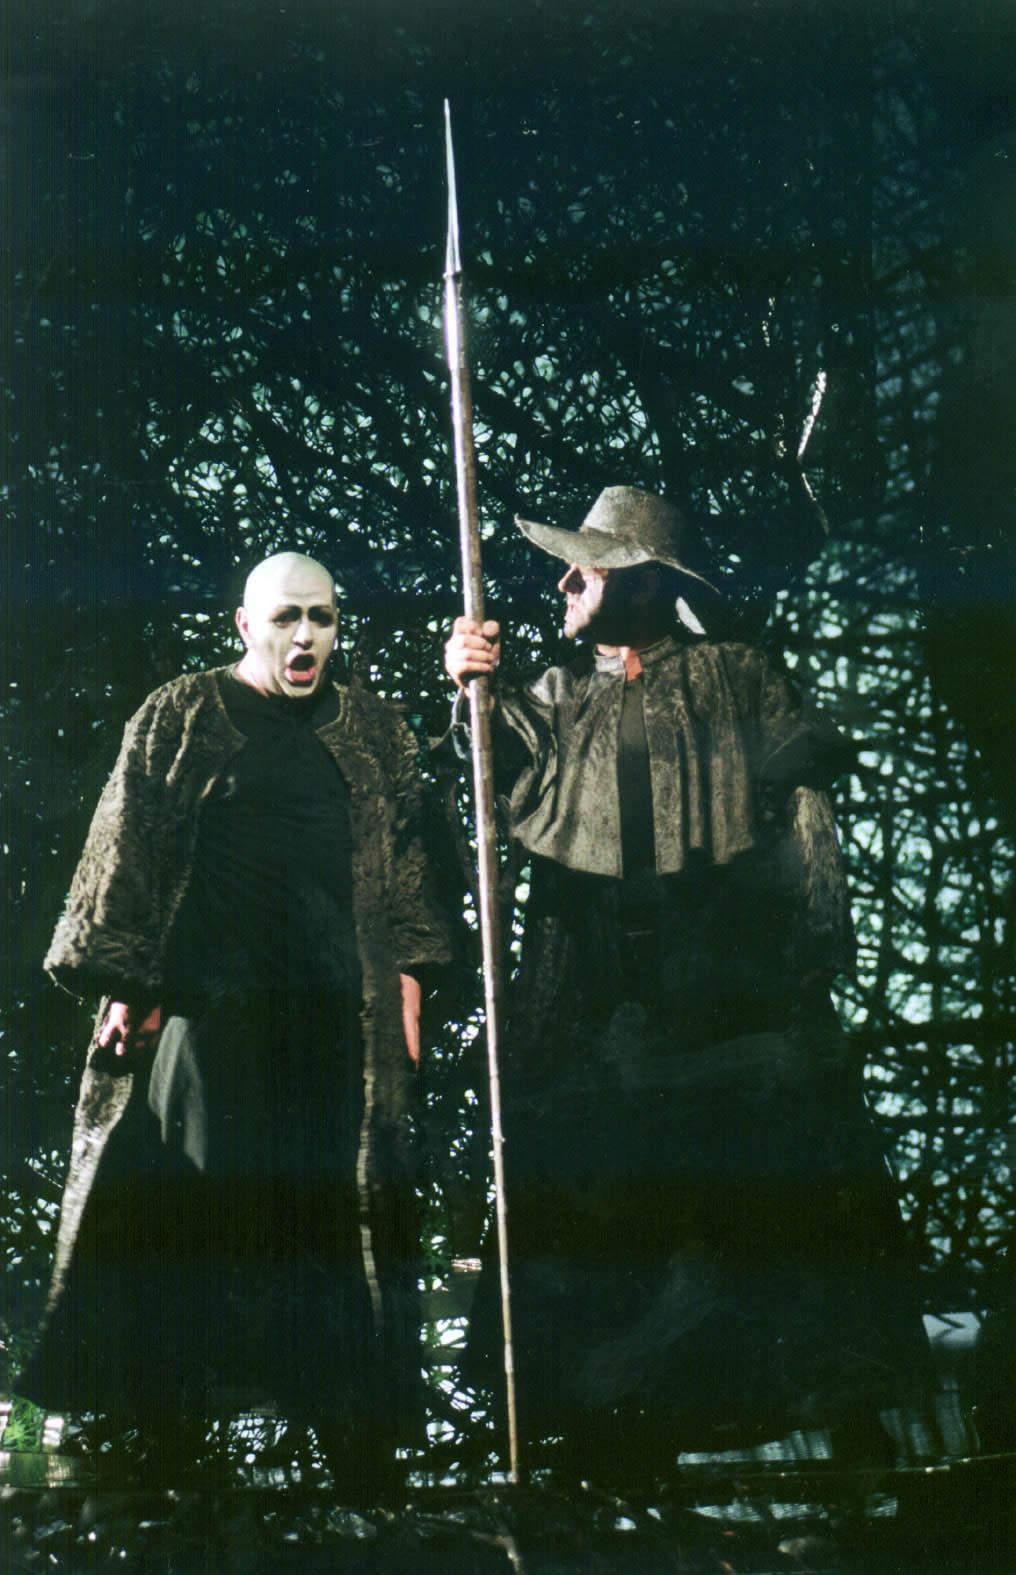 Jürgen Freier as Alberich & Hans-Peter Scheidegger as Der Wanderer